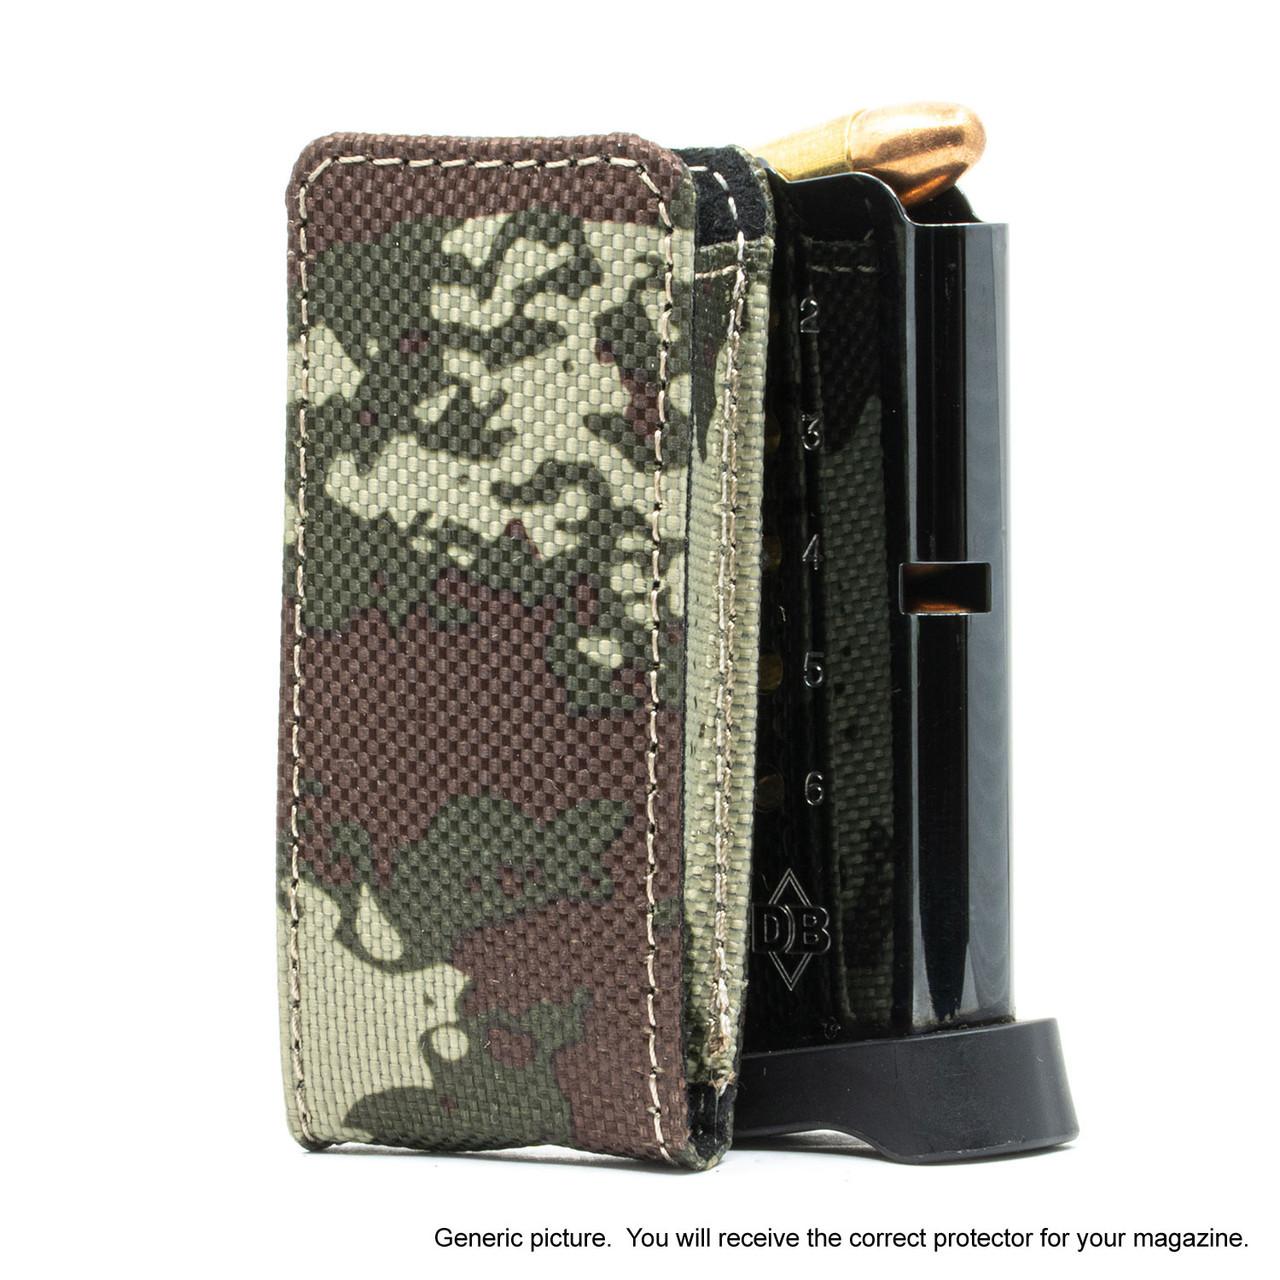 Taurus G2C Camouflage Nylon Magazine Pocket Protector